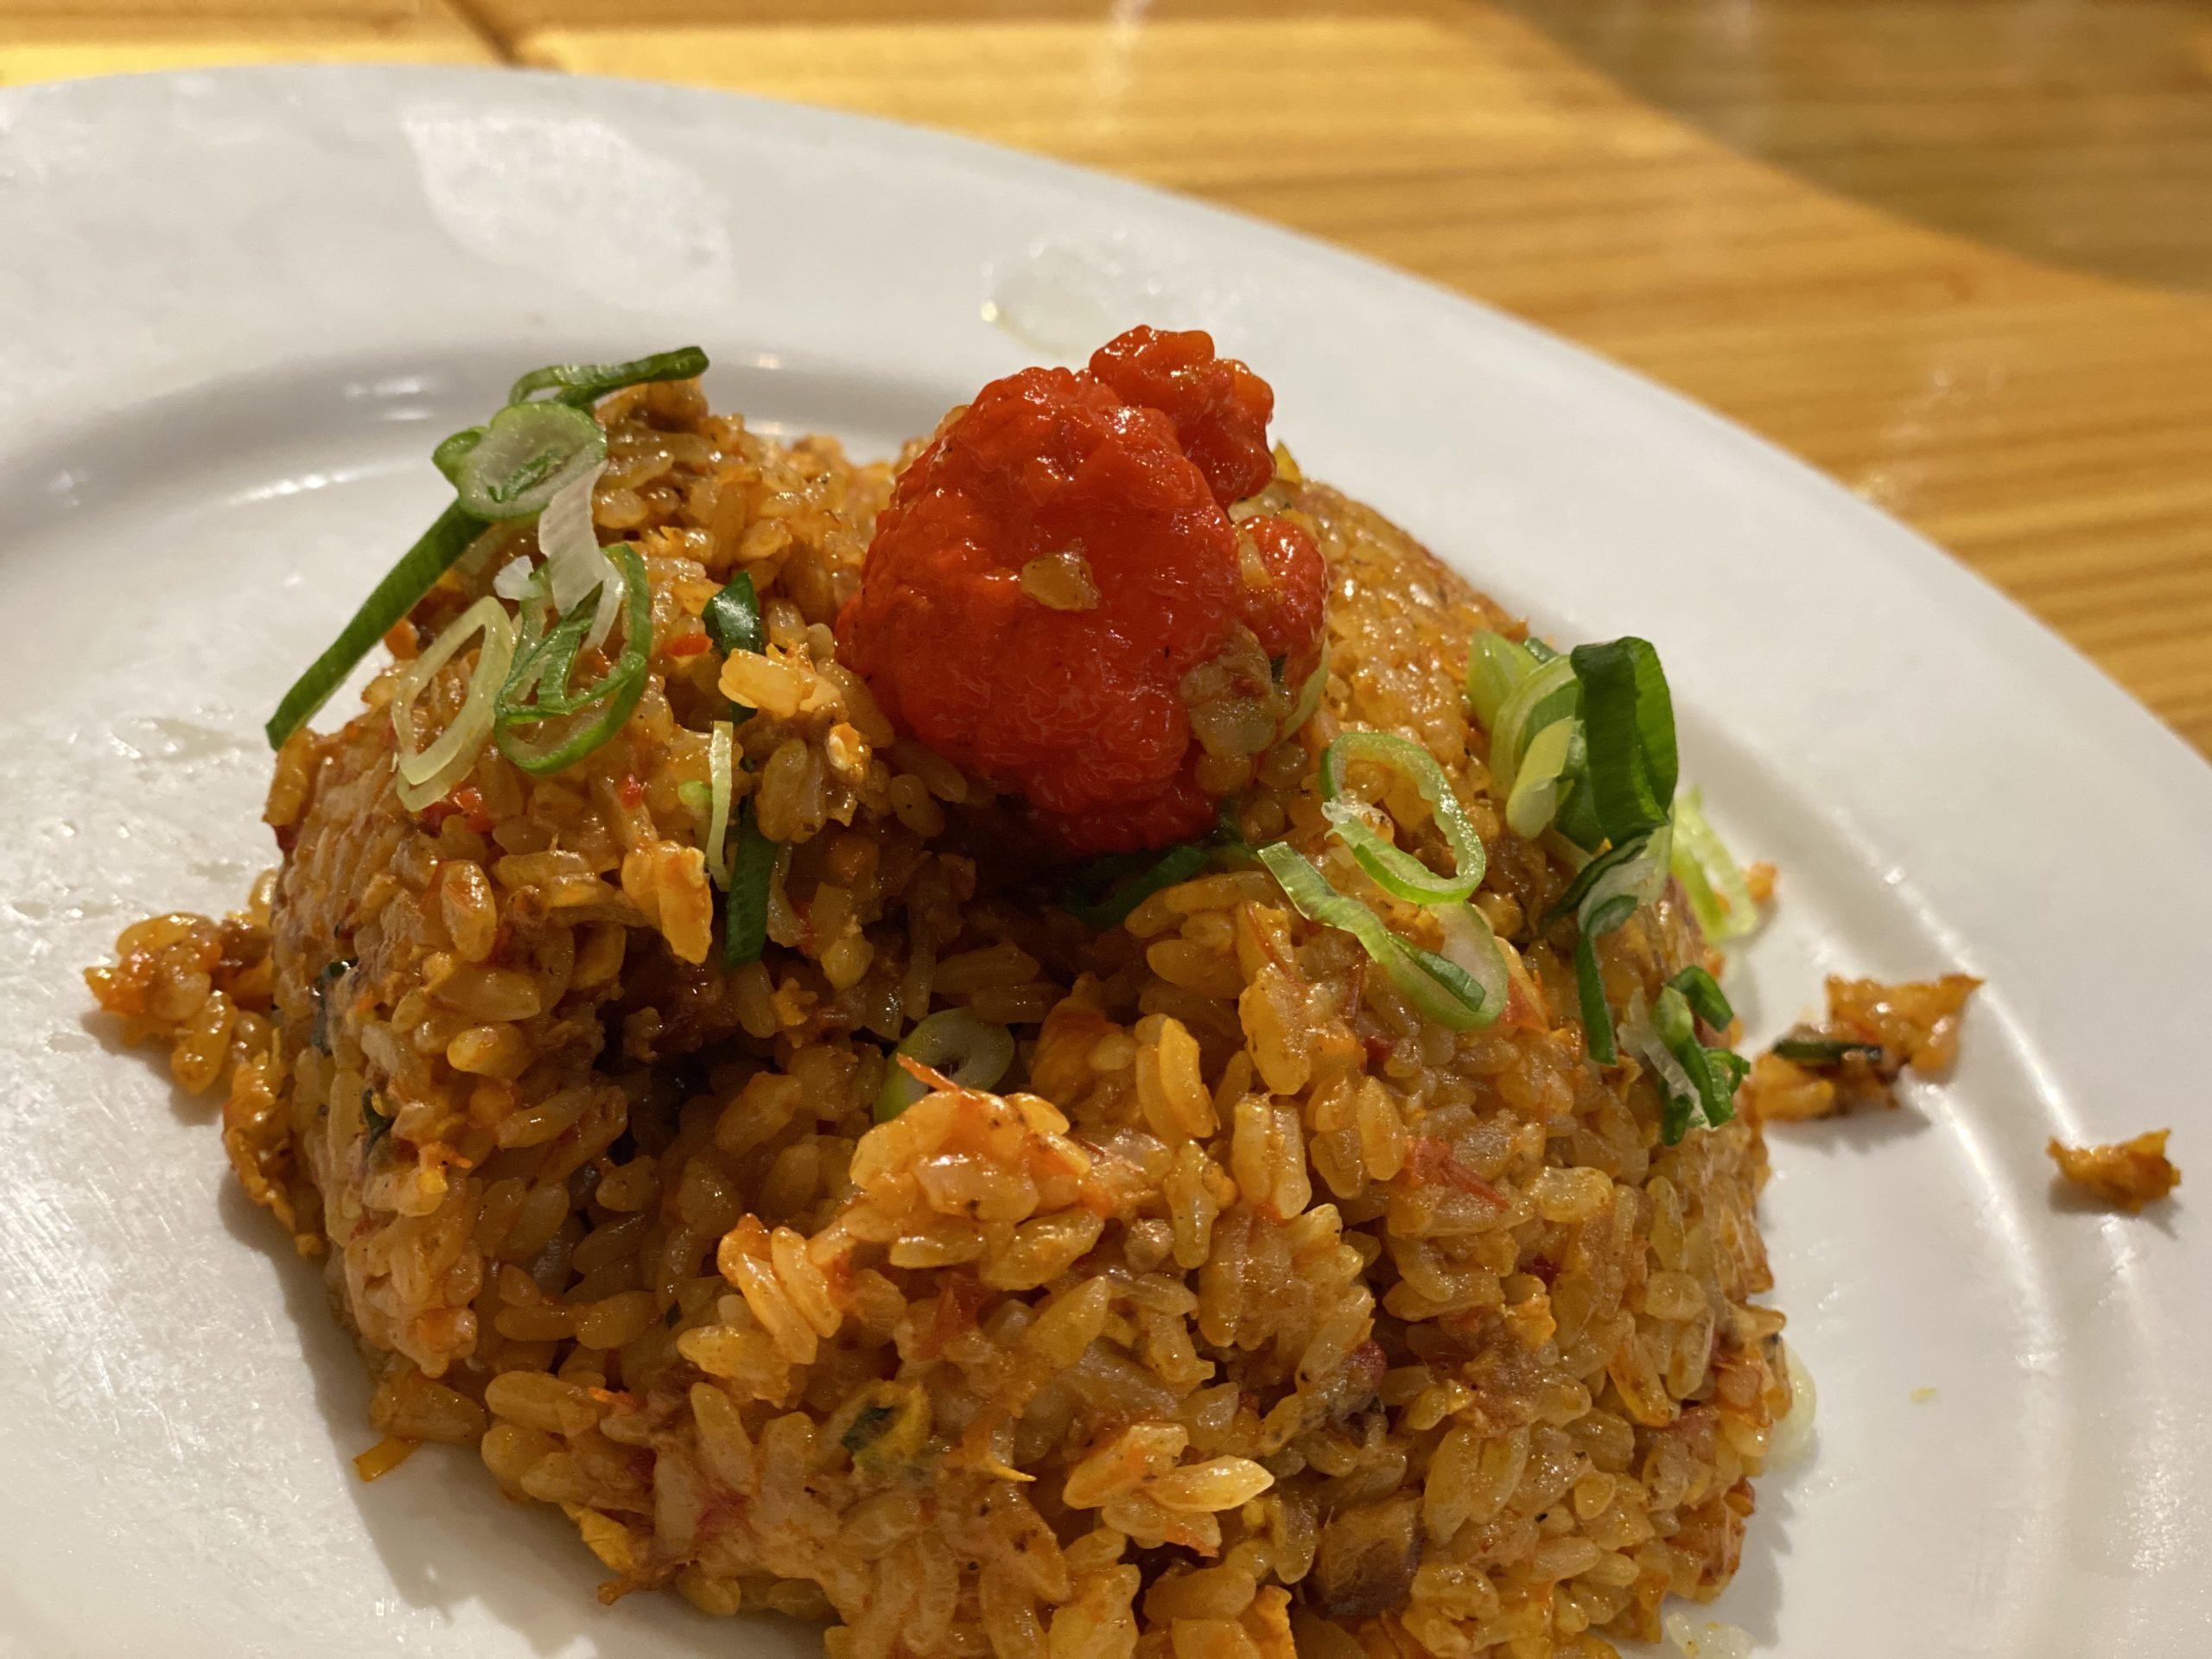 【デスソース入り】珉珉の『死神チャーハン』の辛さが兵器レベルで辛すぎる。【spicy rice】